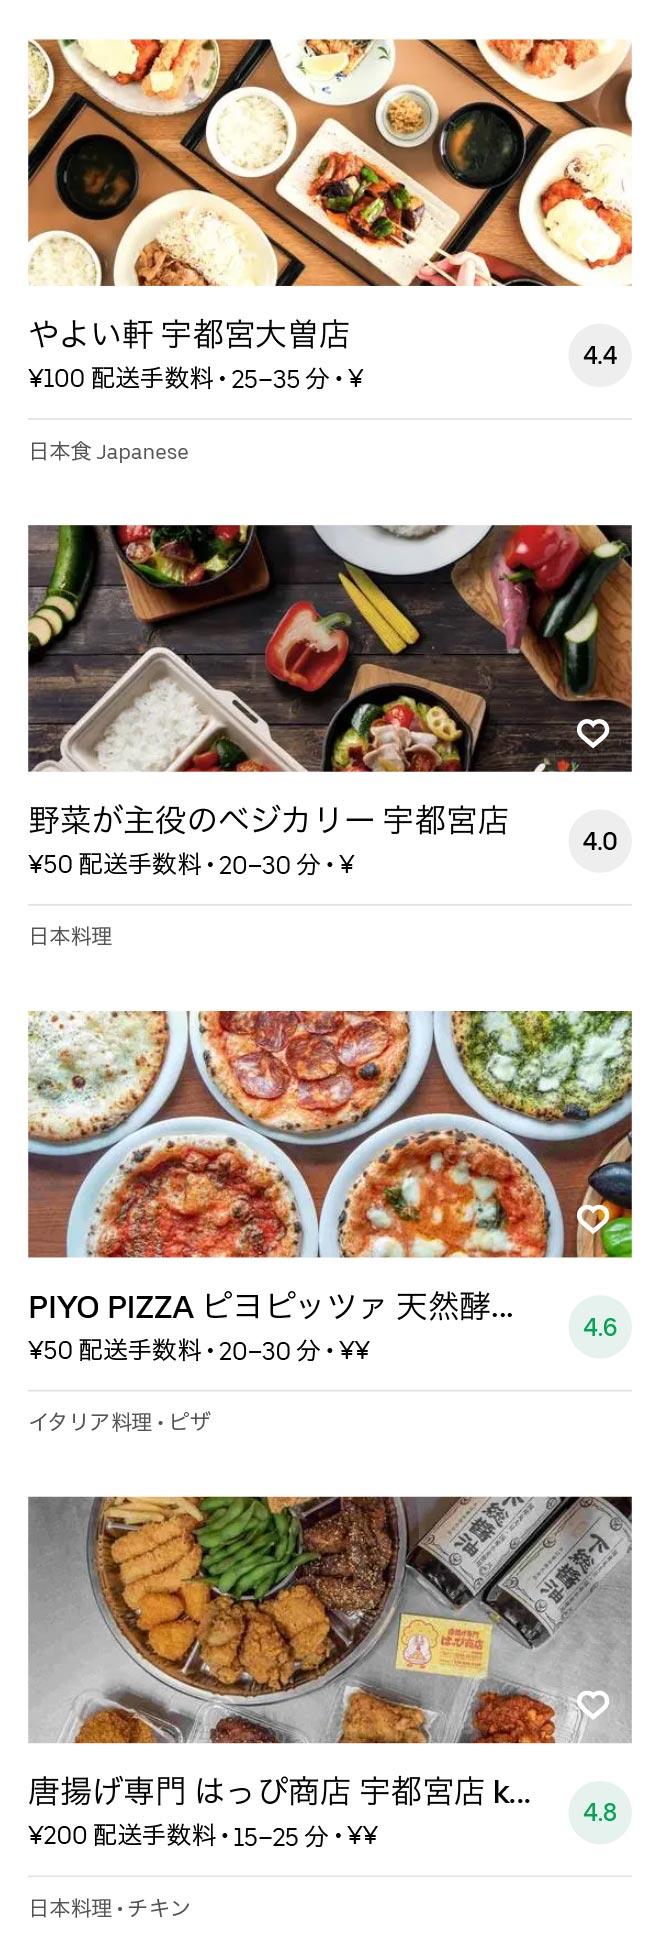 Tobu utsunomiya menu 2010 11